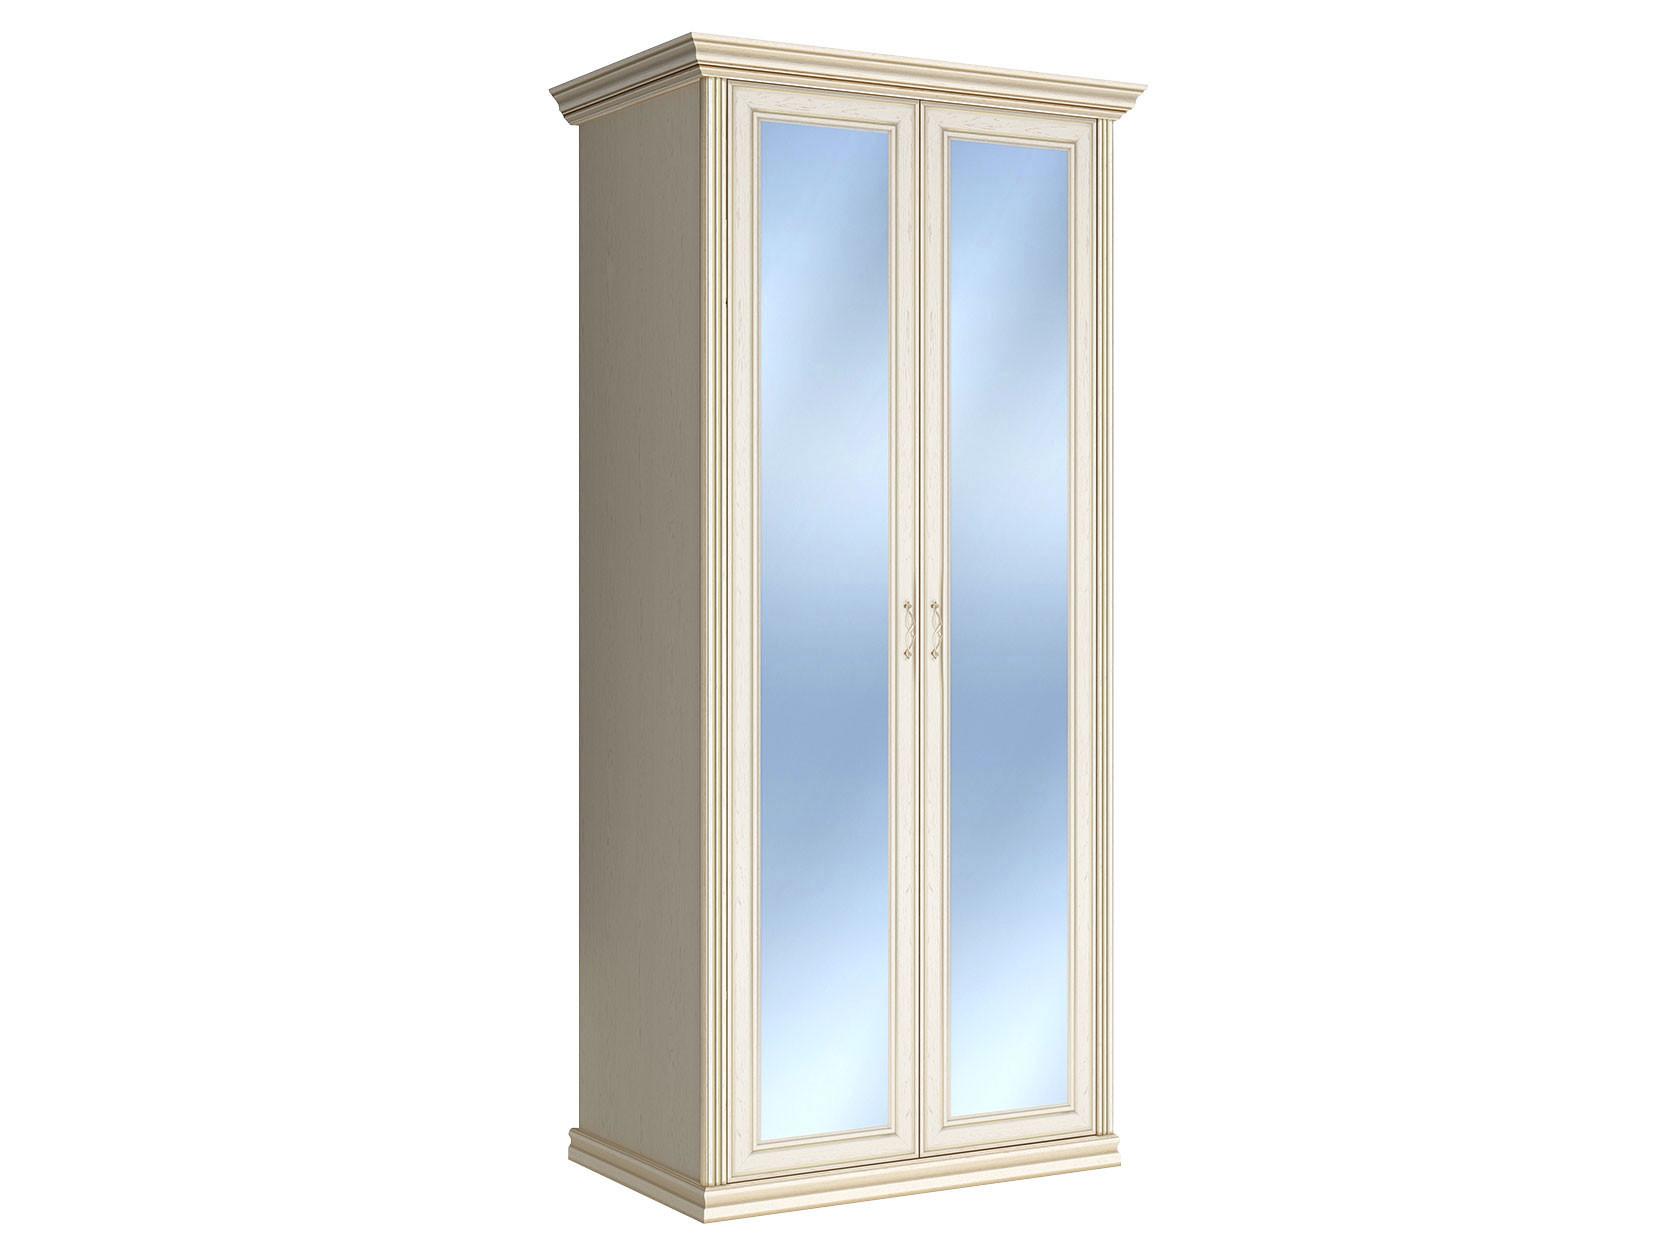 Распашной шкаф Первый Мебельный Шкаф 2-х дверный с зеркалами Венето недорого